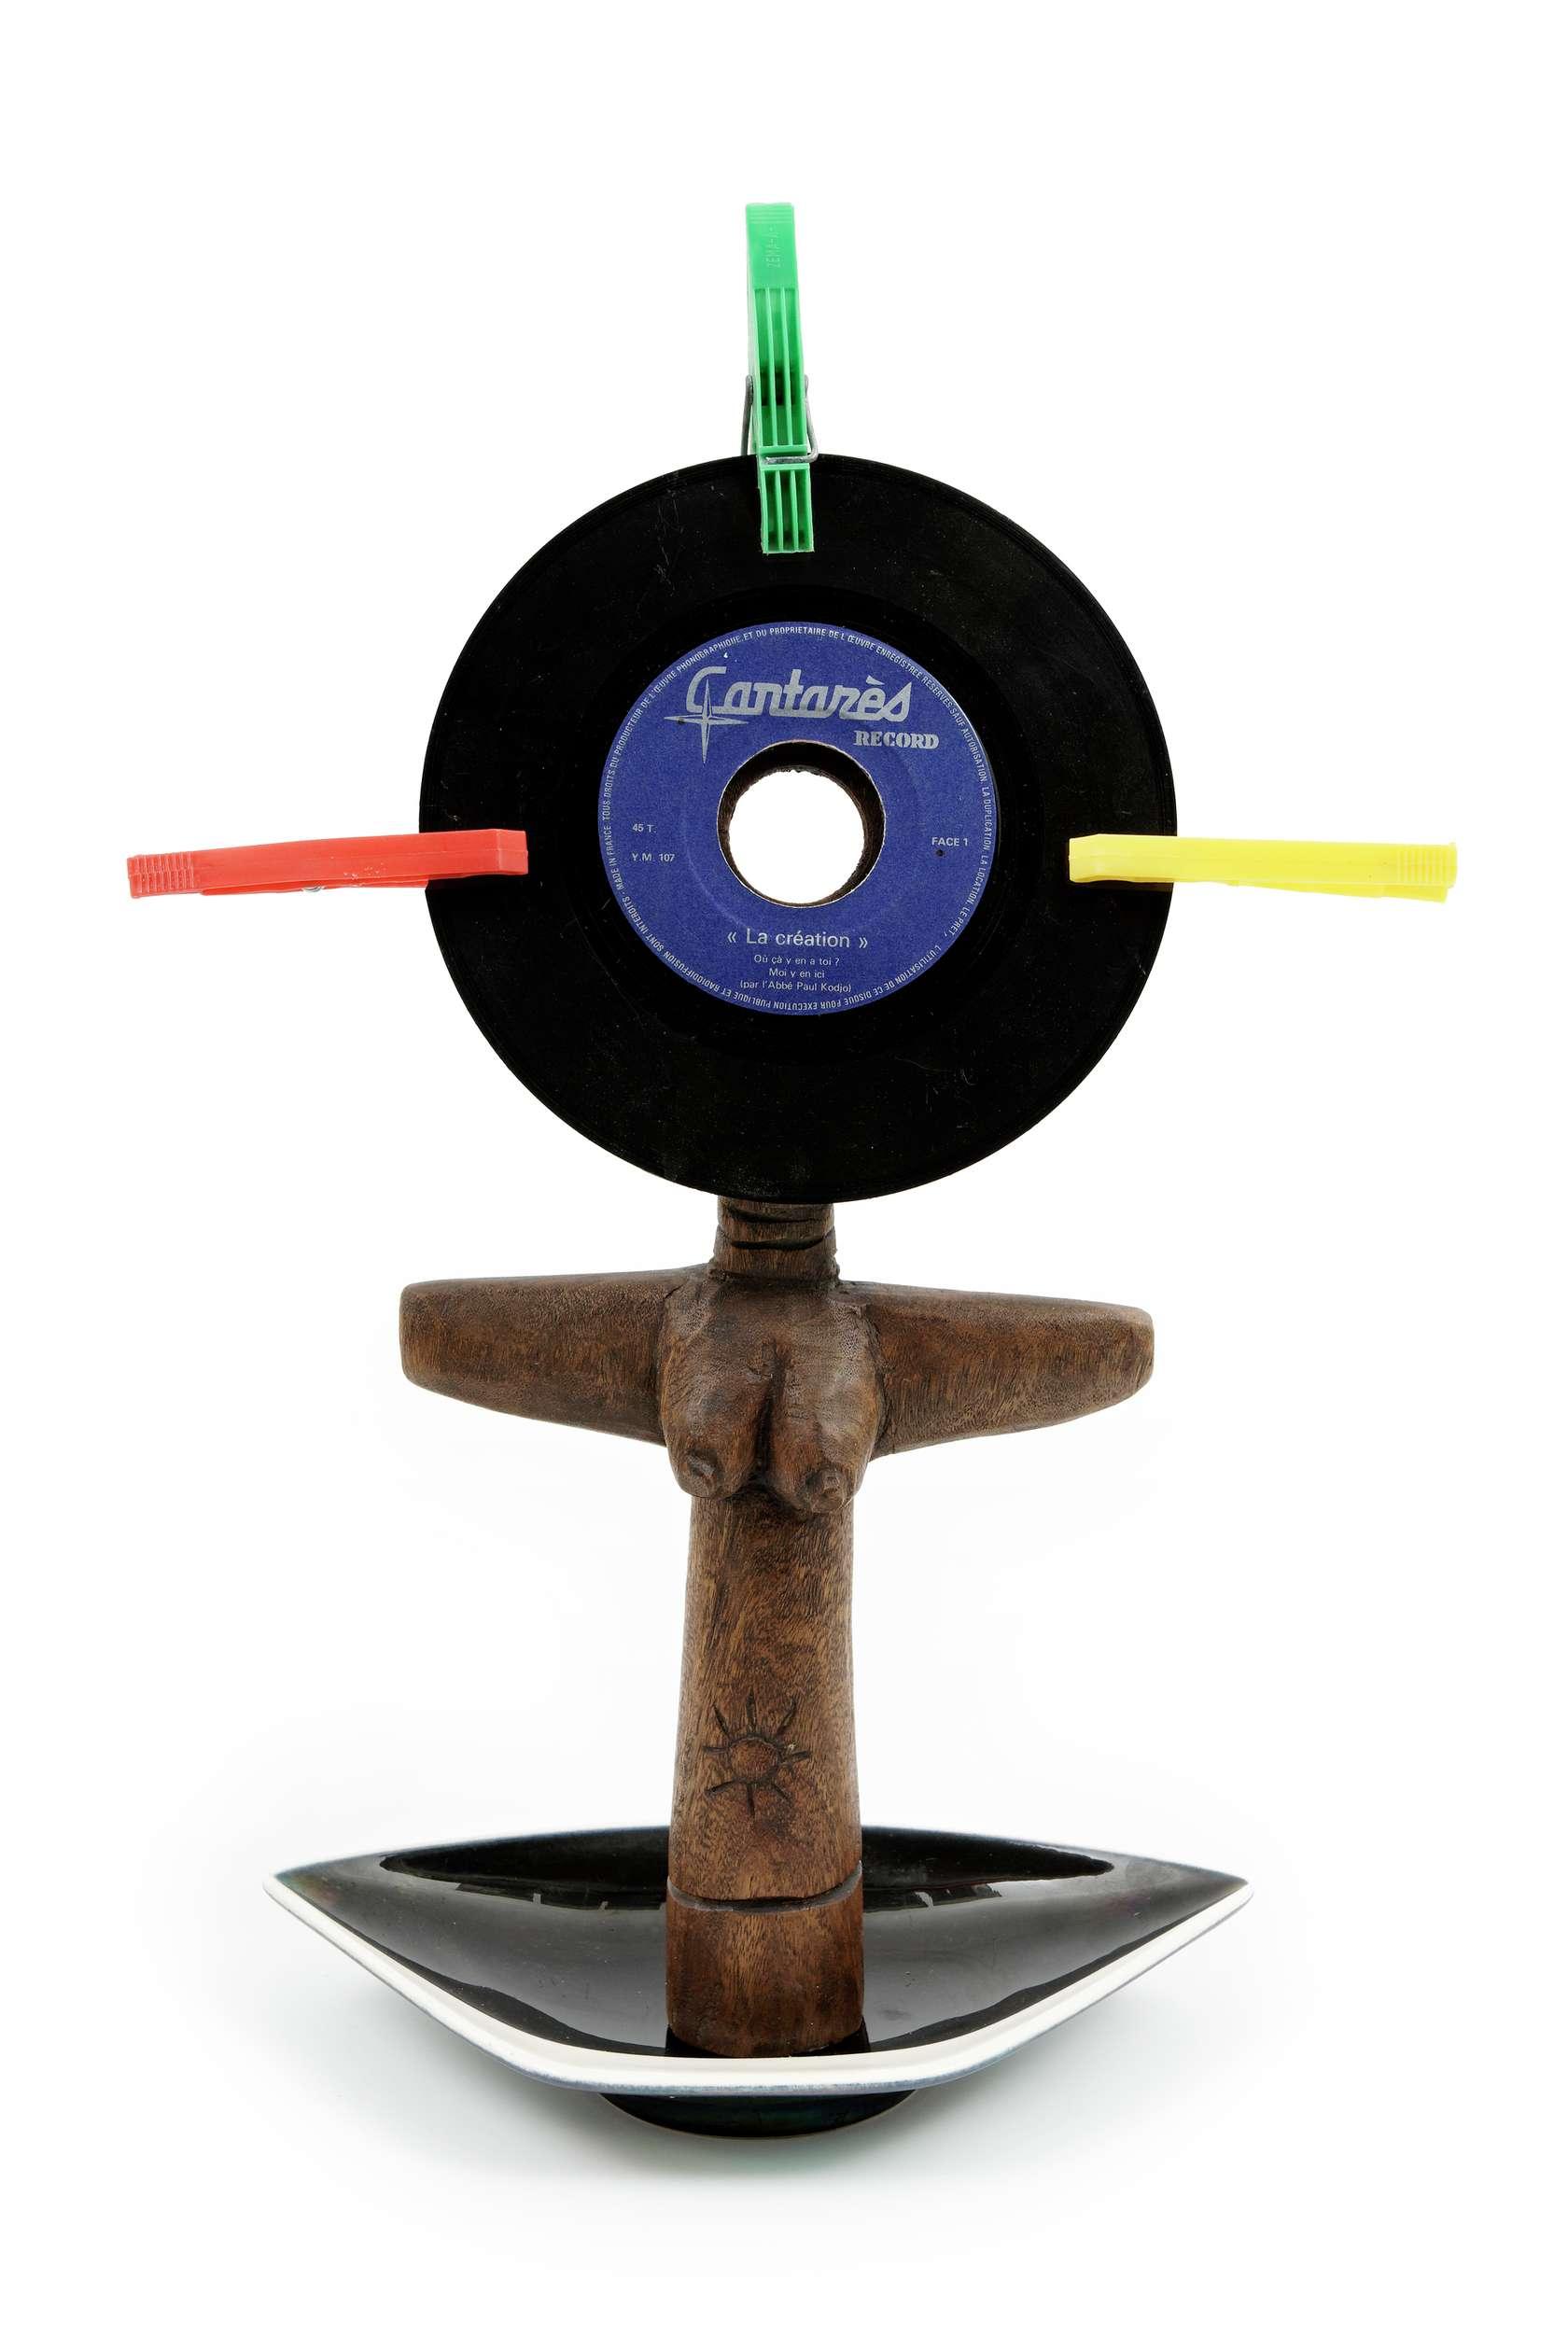 Présence Panchounette, Ashanti de faire votre connaissance, 1985 Statue en bois exotique, cendrier en faïence, disque vinyl 45tr (la création du père Kodjo) et pince44 x 30 x 10 cm / 17 3/8 x 11 6/8 x 3 7/8 inches